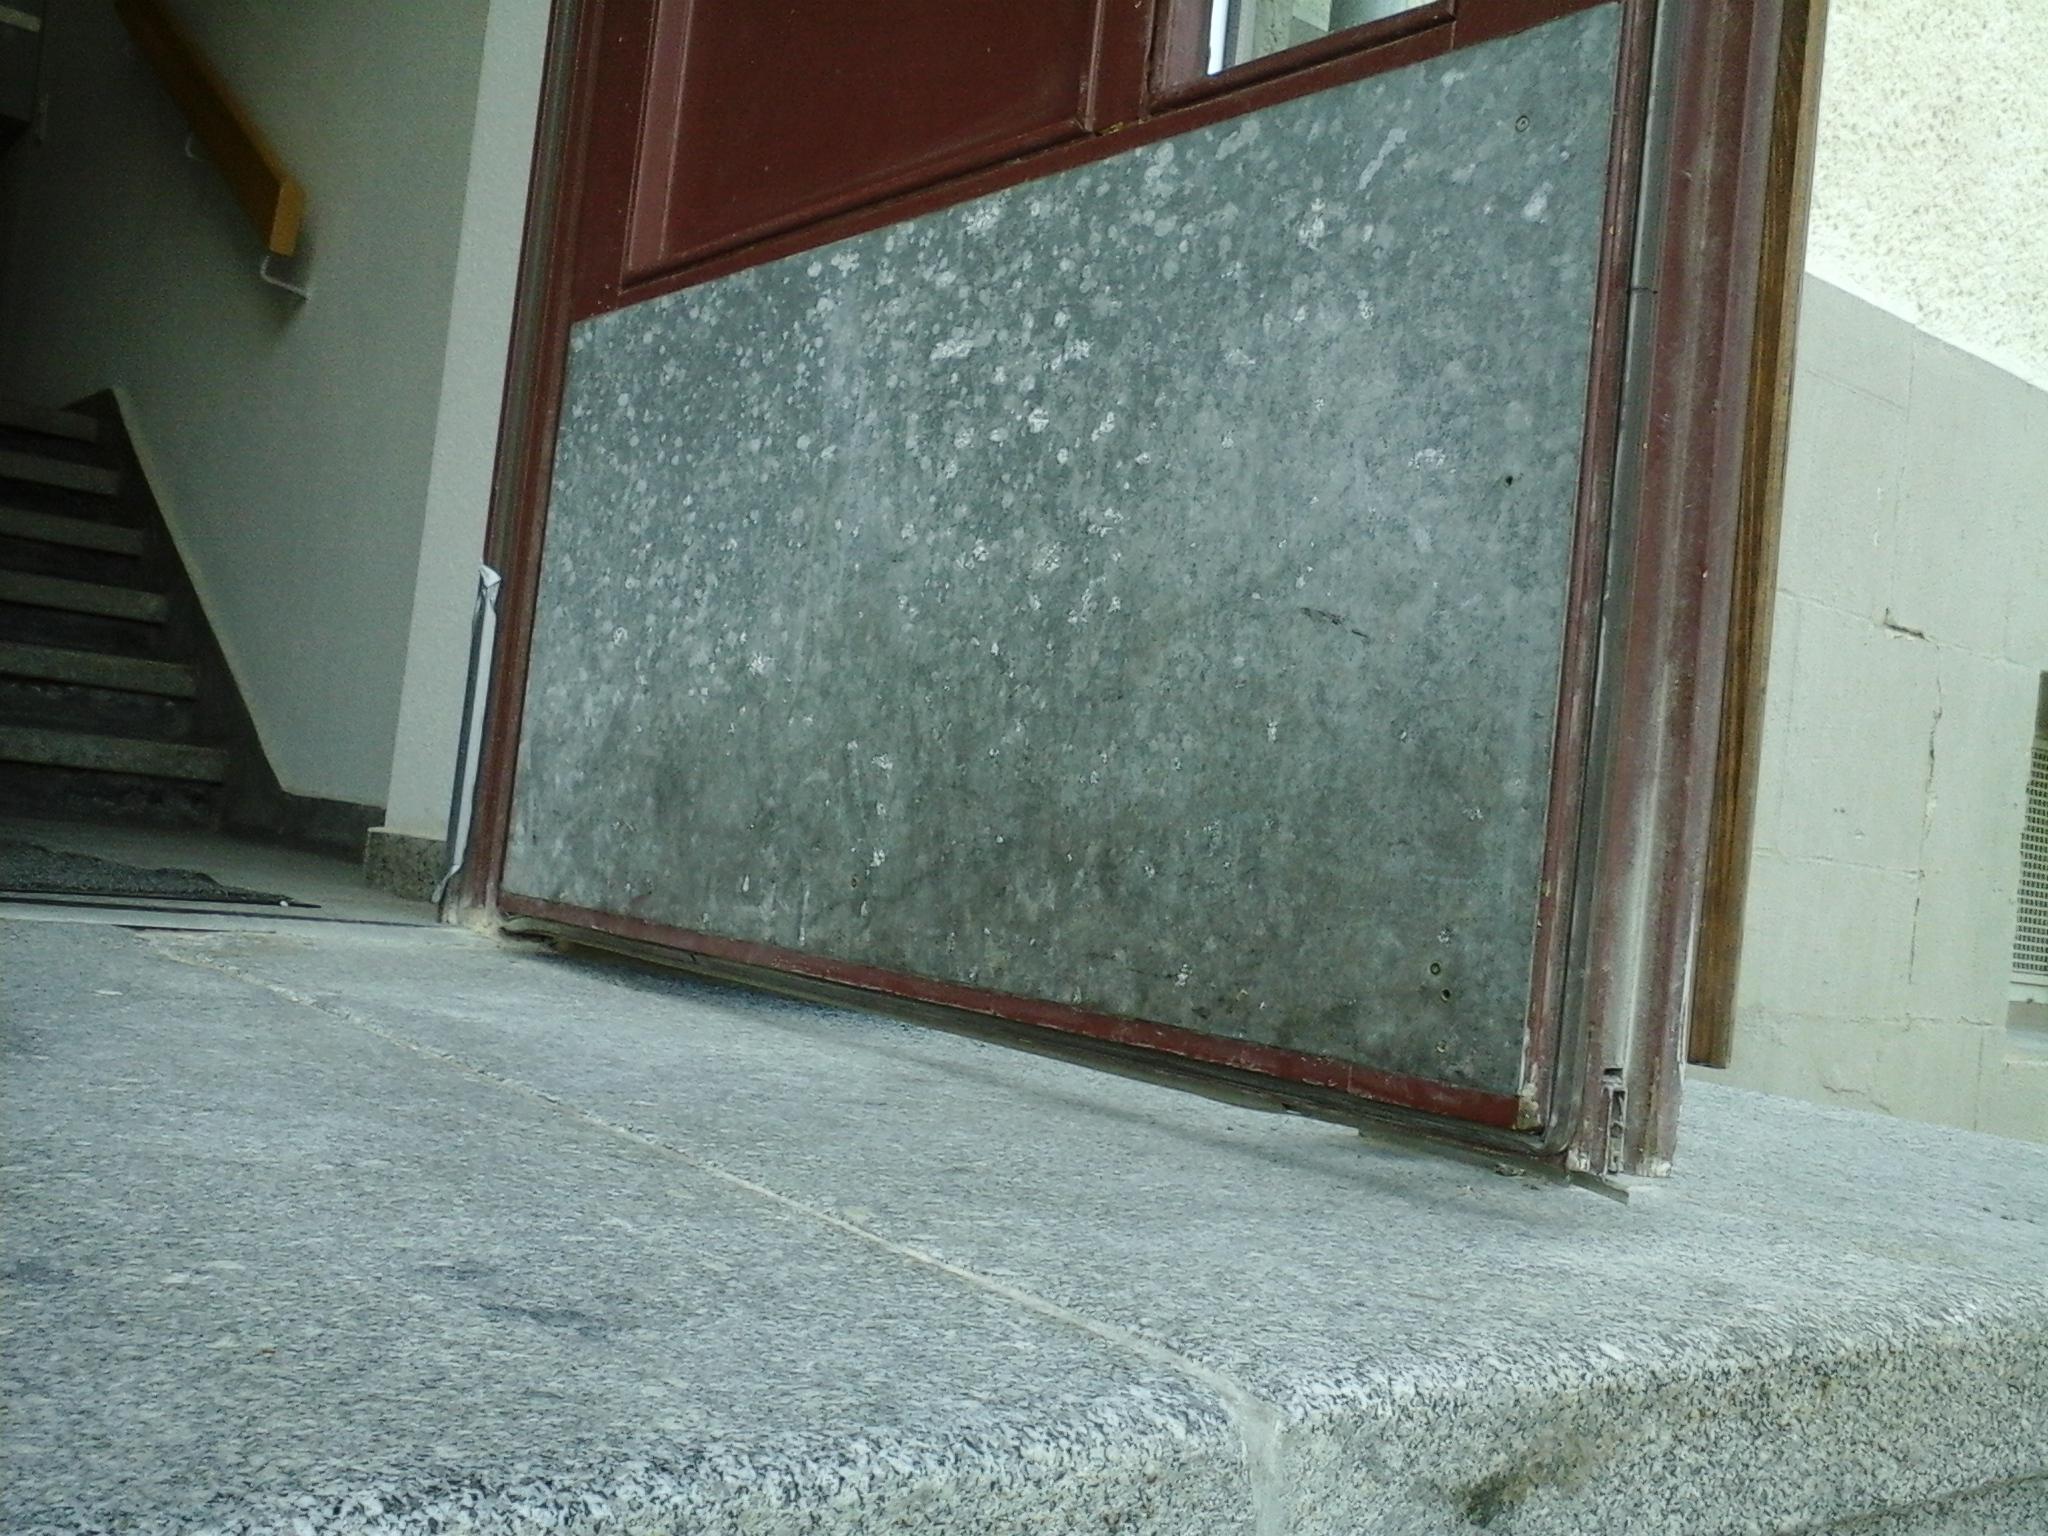 Zu sehen ist die untere Seite einer geöffneten Tür, deren Dichtung defekt ist.